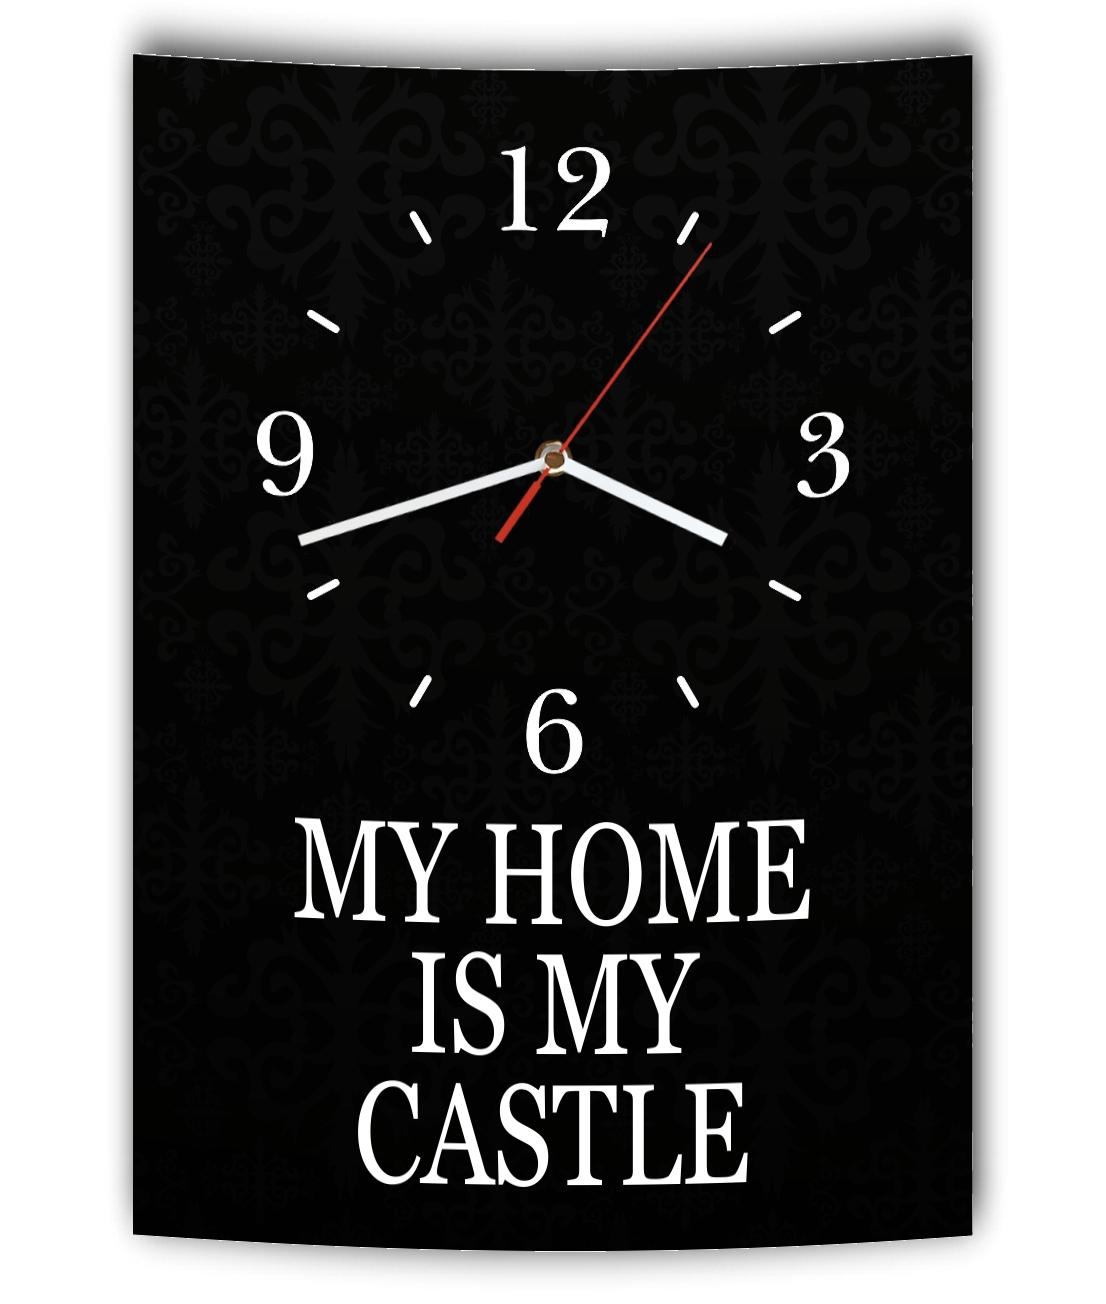 Elegant LAUTLOSE Designer Wanduhr Mit Spruch My Home Is My Castle Schwarz Weiß  Modern De